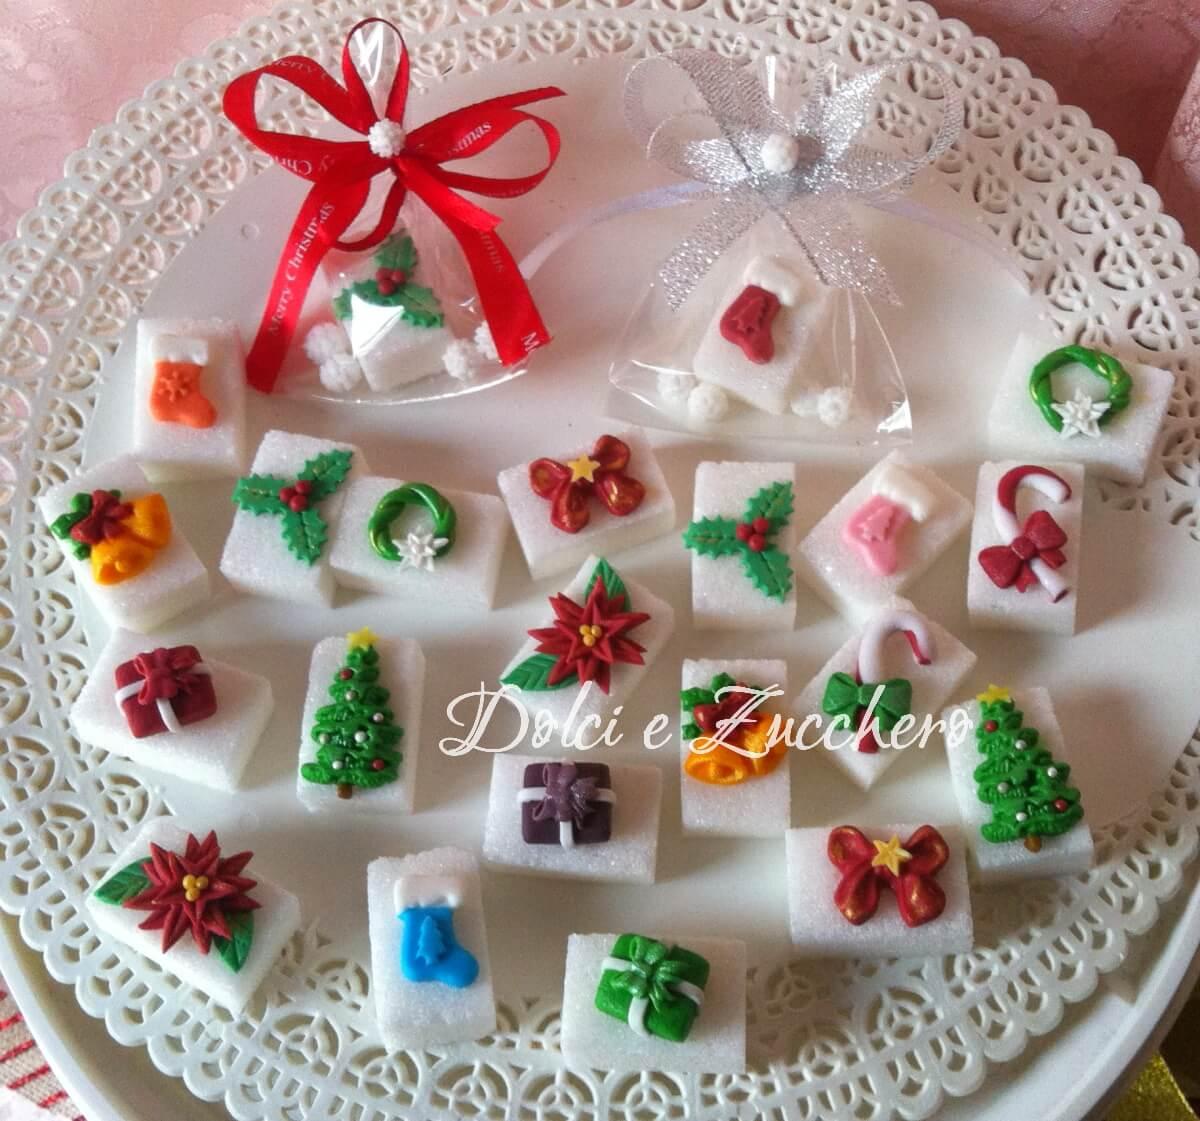 Matrimonio Natale Idee : Idee di natale zucchero originali dolci e